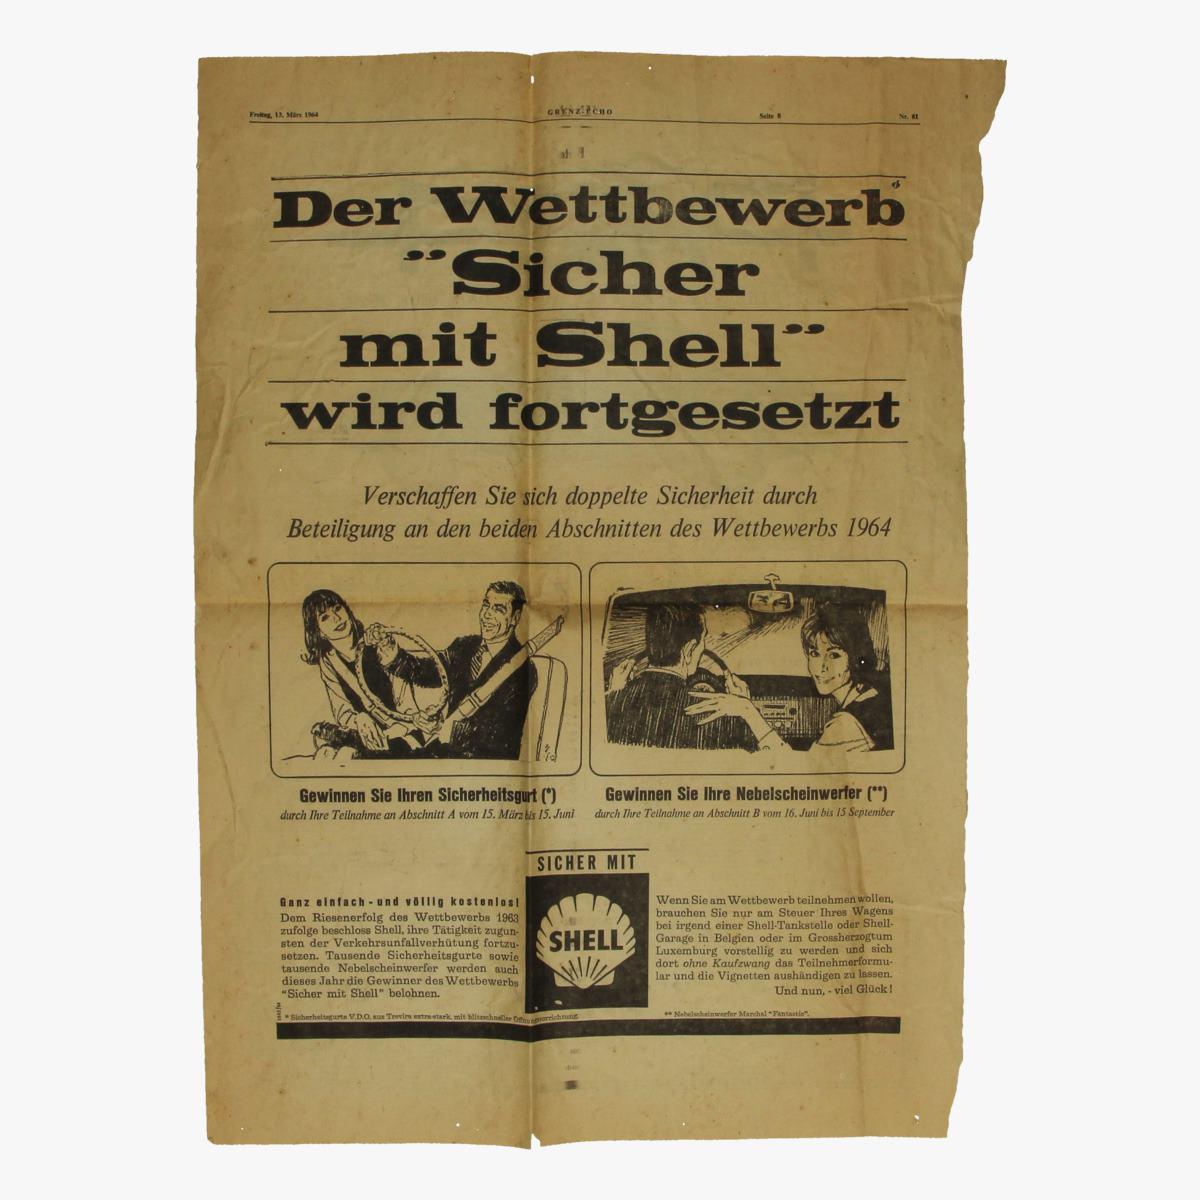 Afbeeldingen van citroen p 24 oude krantenartikel 1964